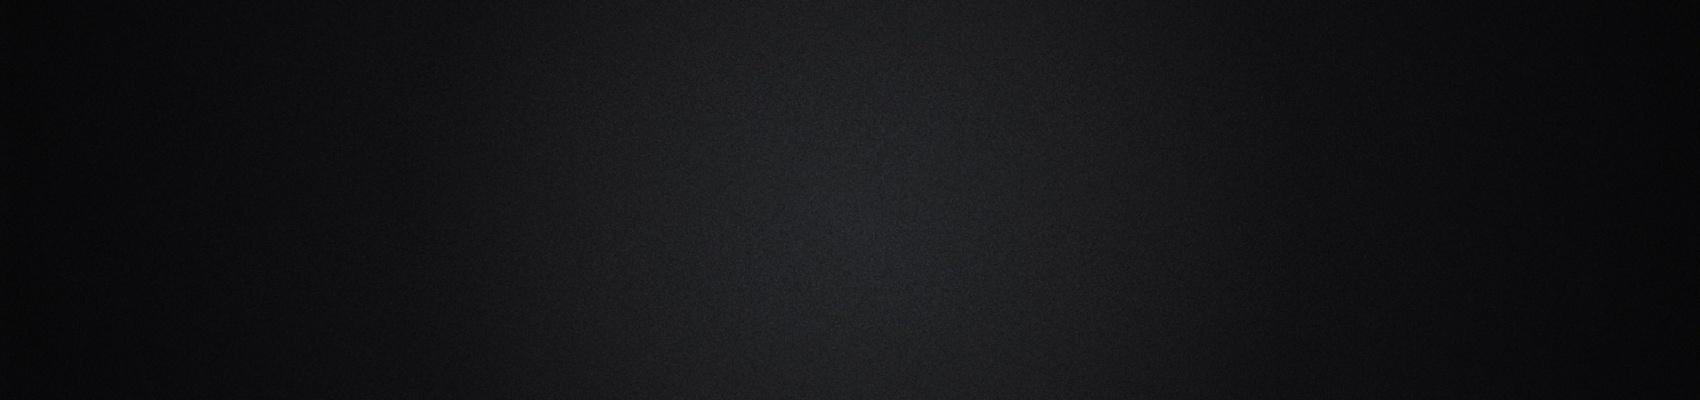 Black-BG-1700-400